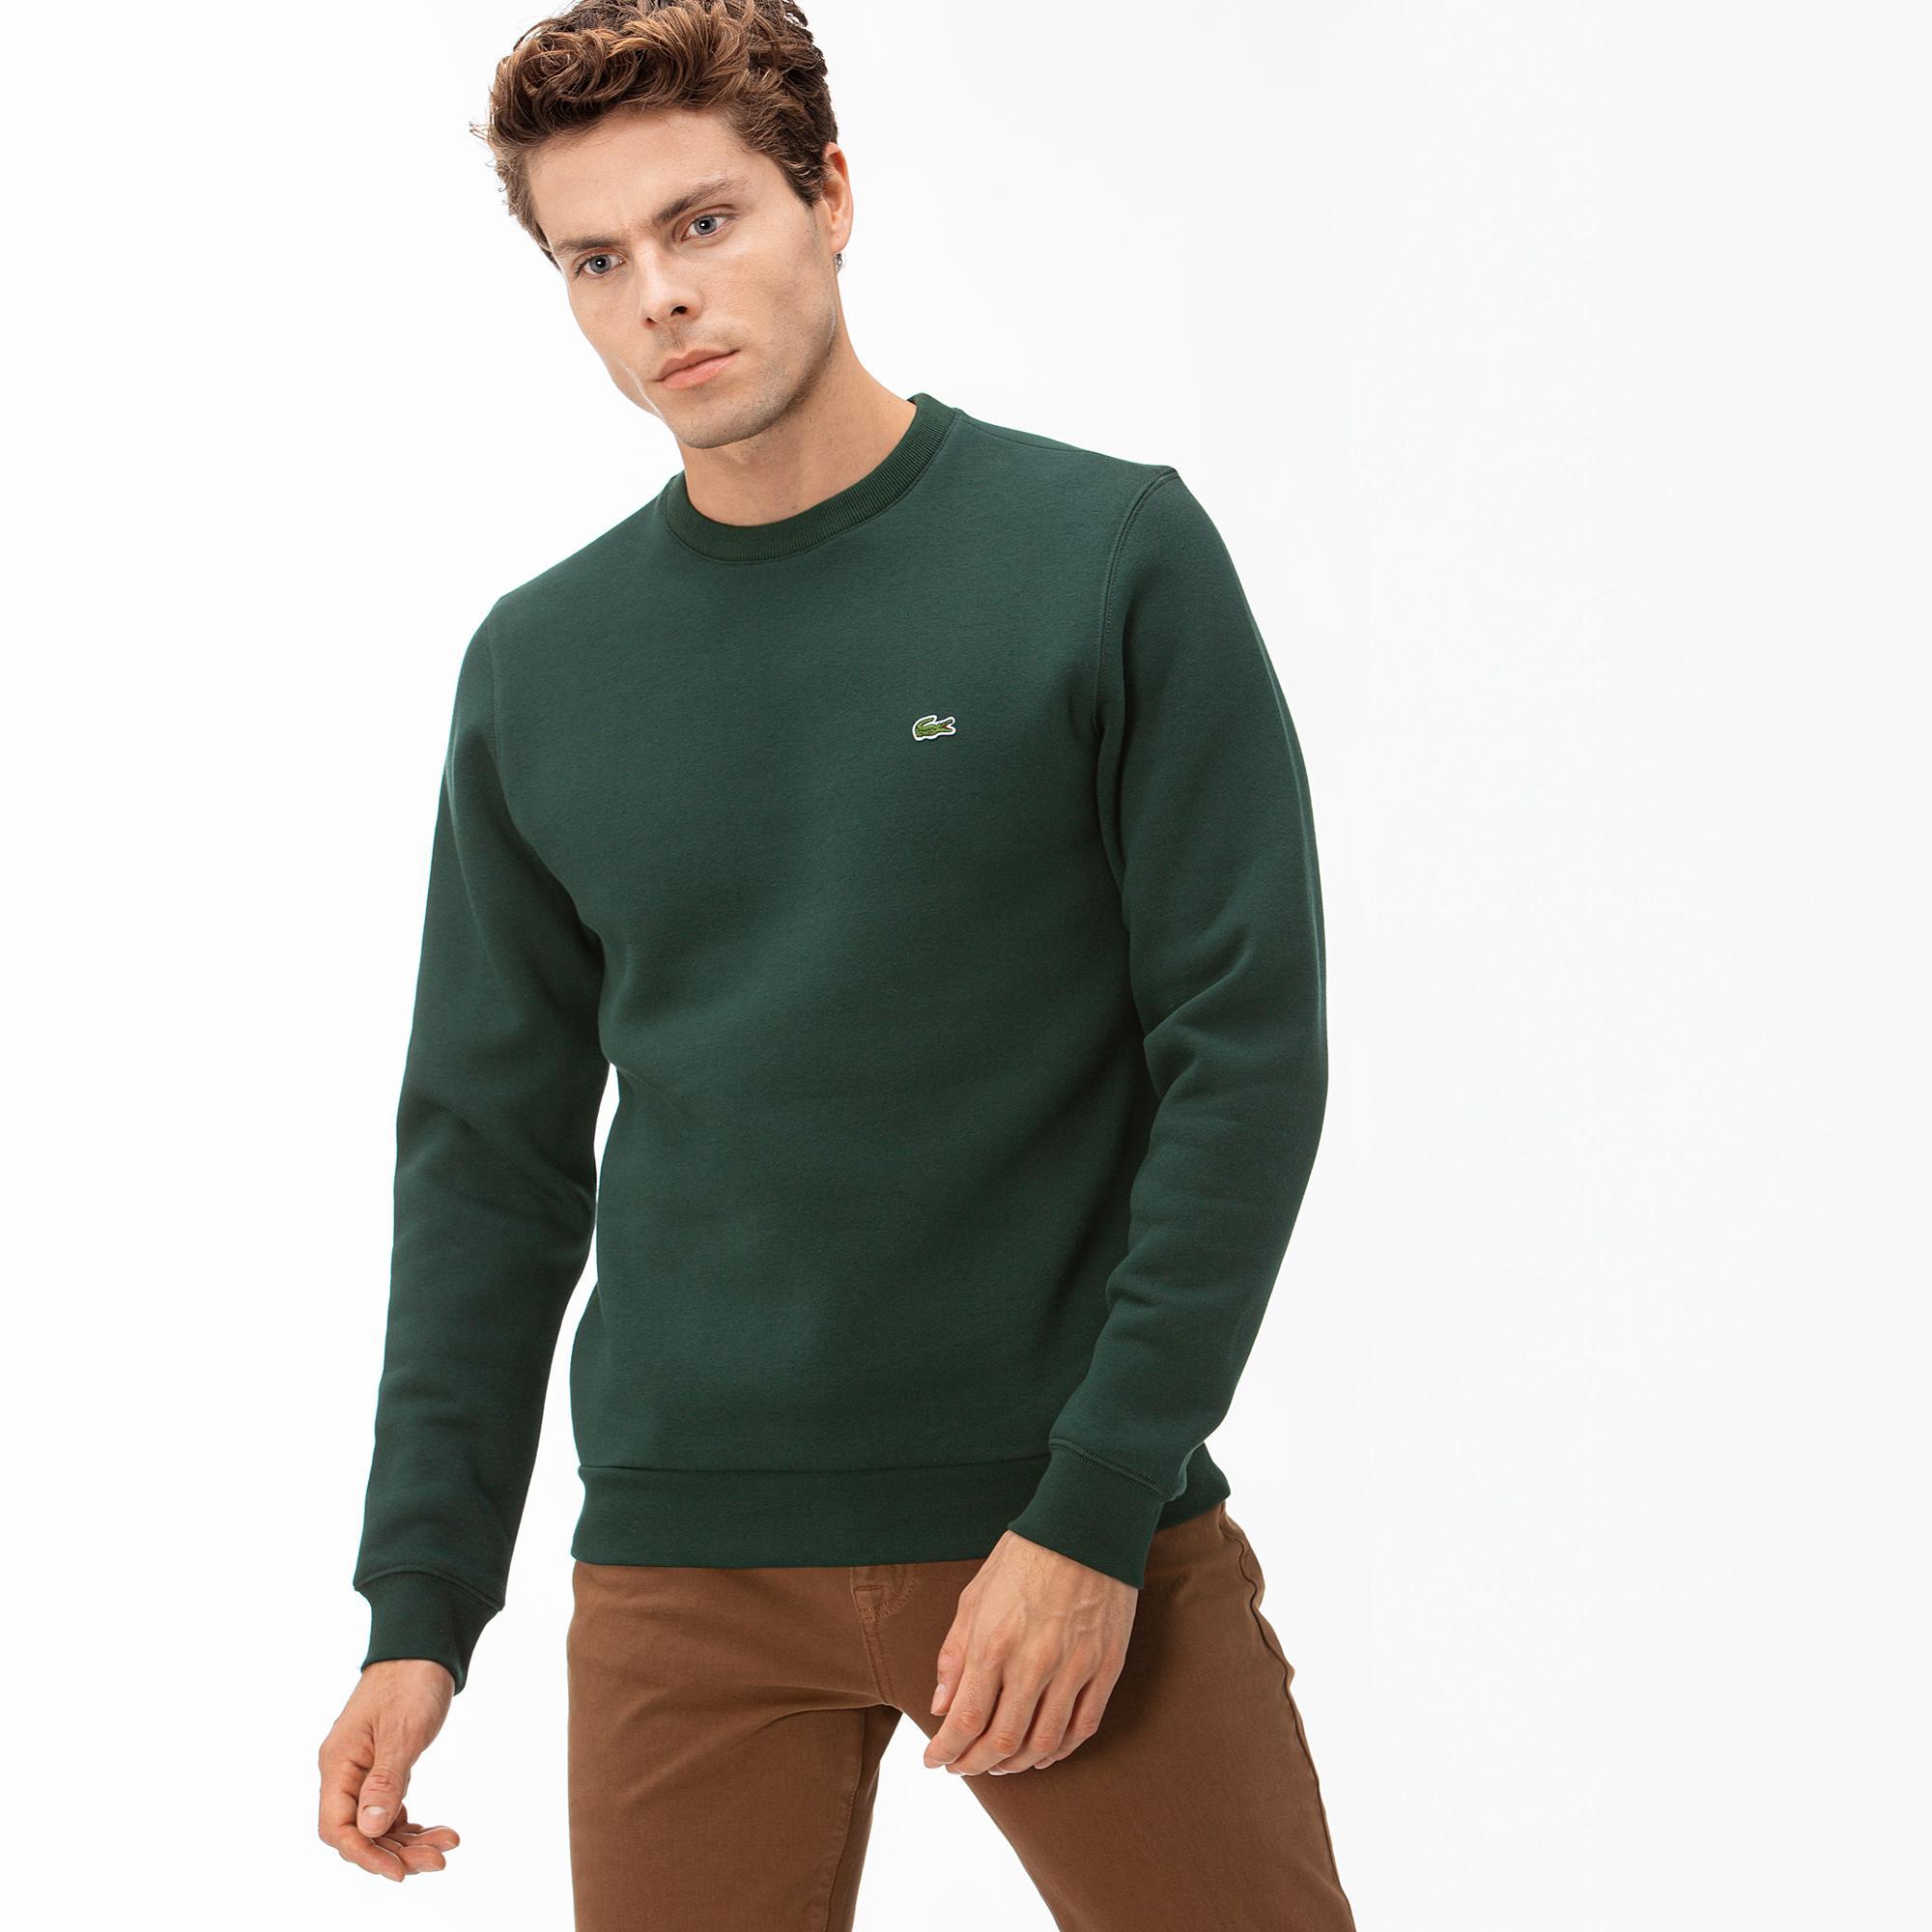 Nowe Produkty zamówienie online najnowsza zniżka Lacoste Bluza Męska